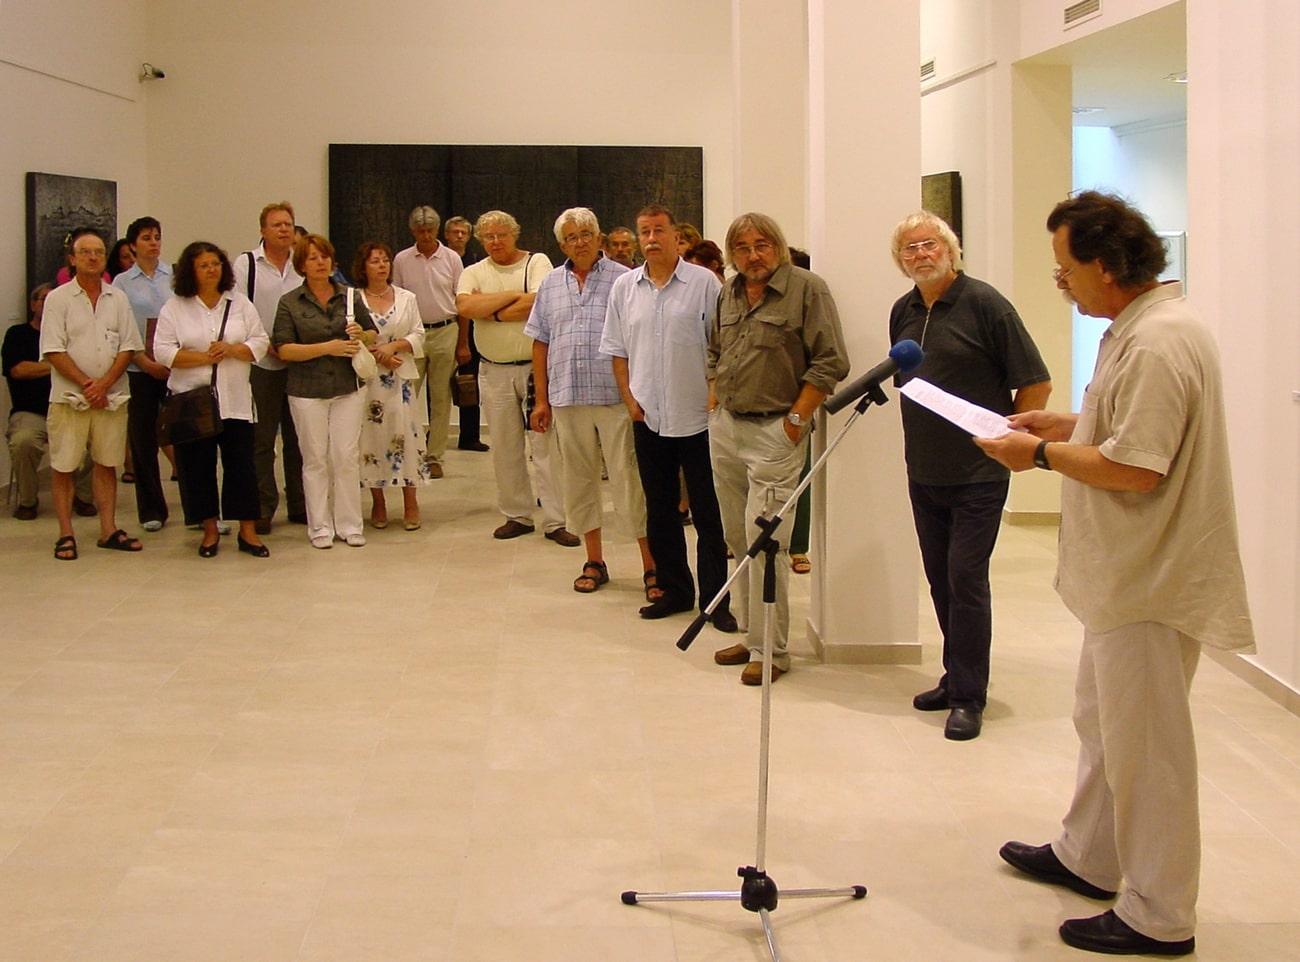 2009, MANK Galéria, Szentendre: Novotny Tihamér megnyitója